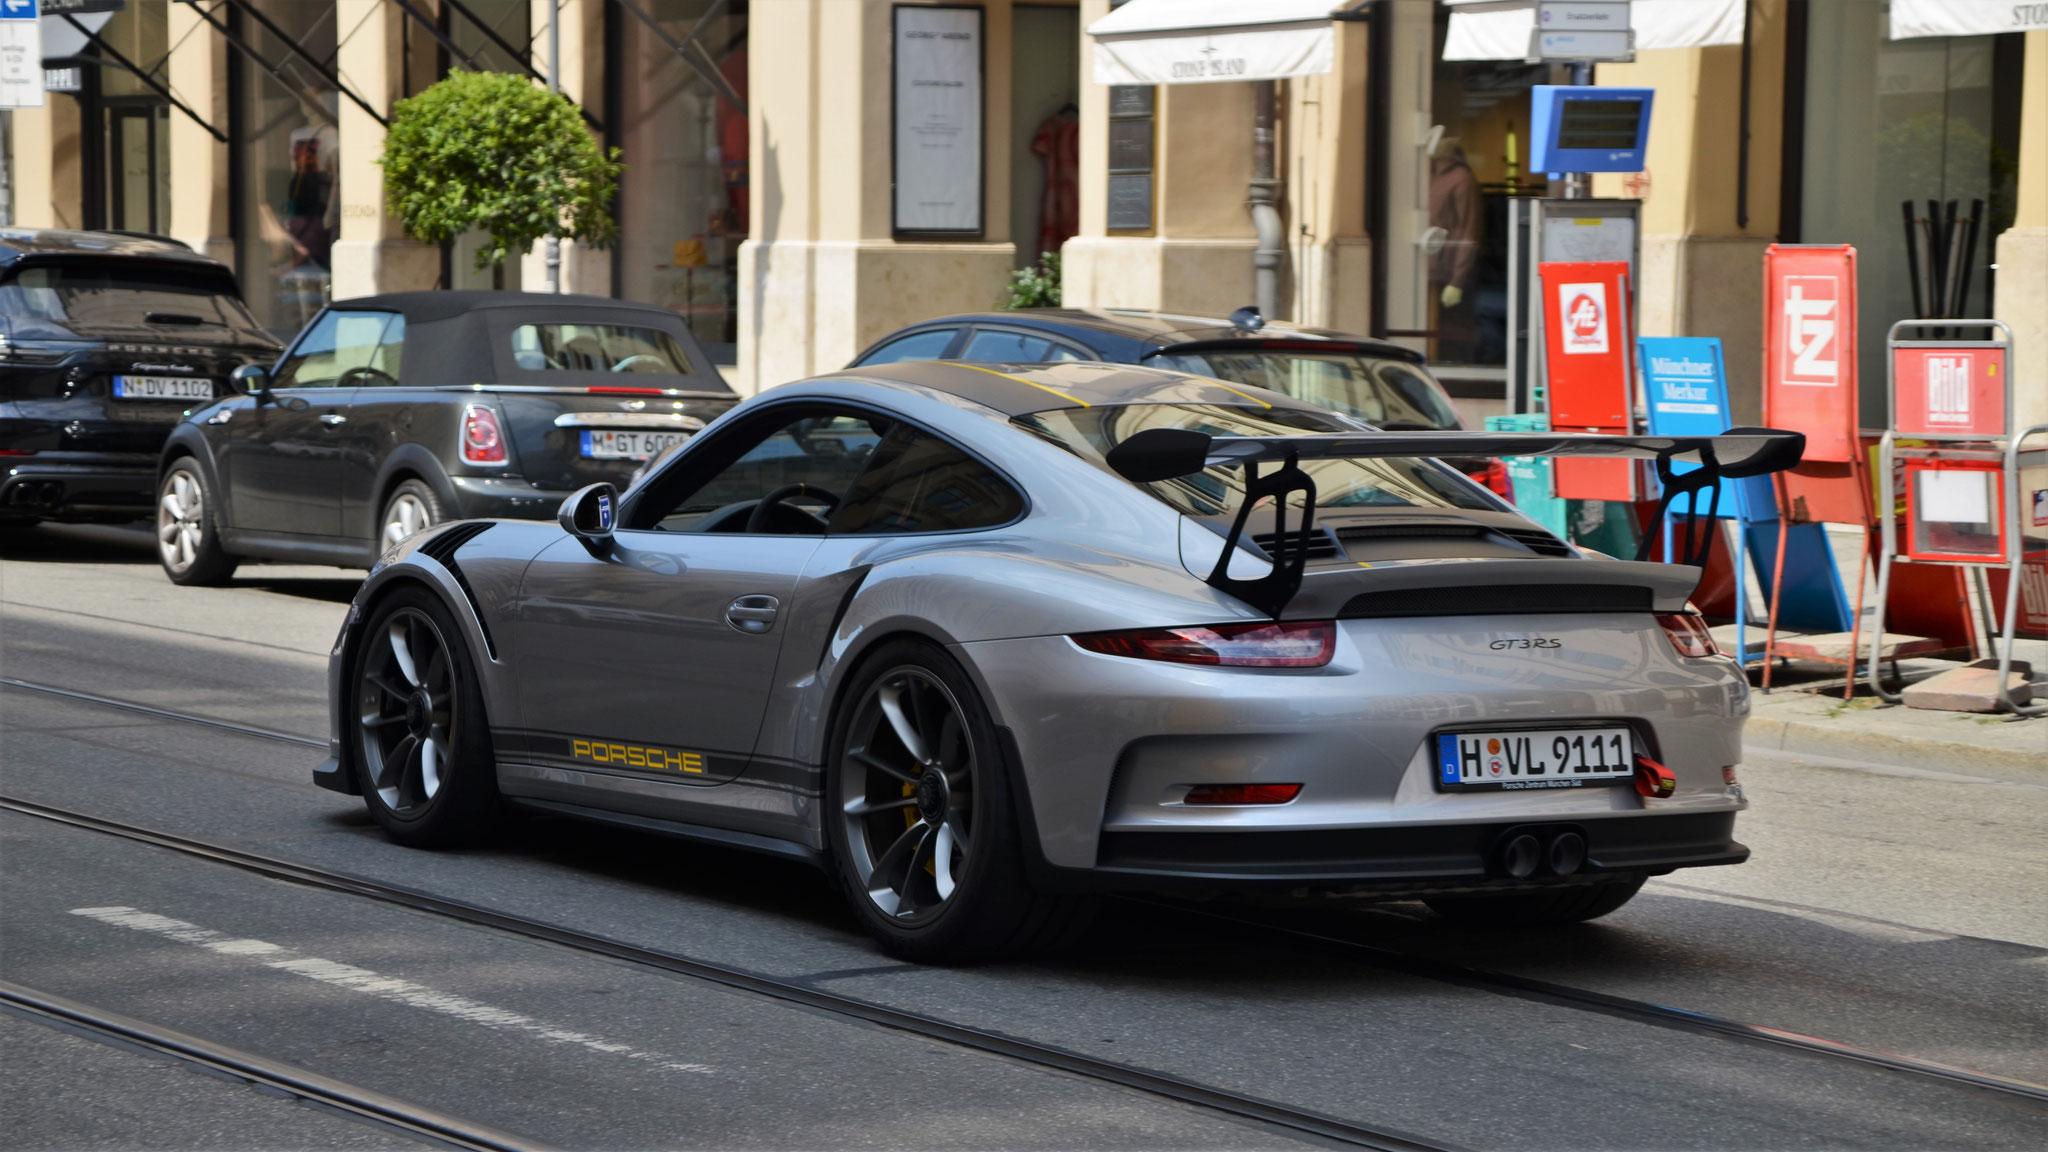 Porsche 911 GT3 RS - H-VL-9111